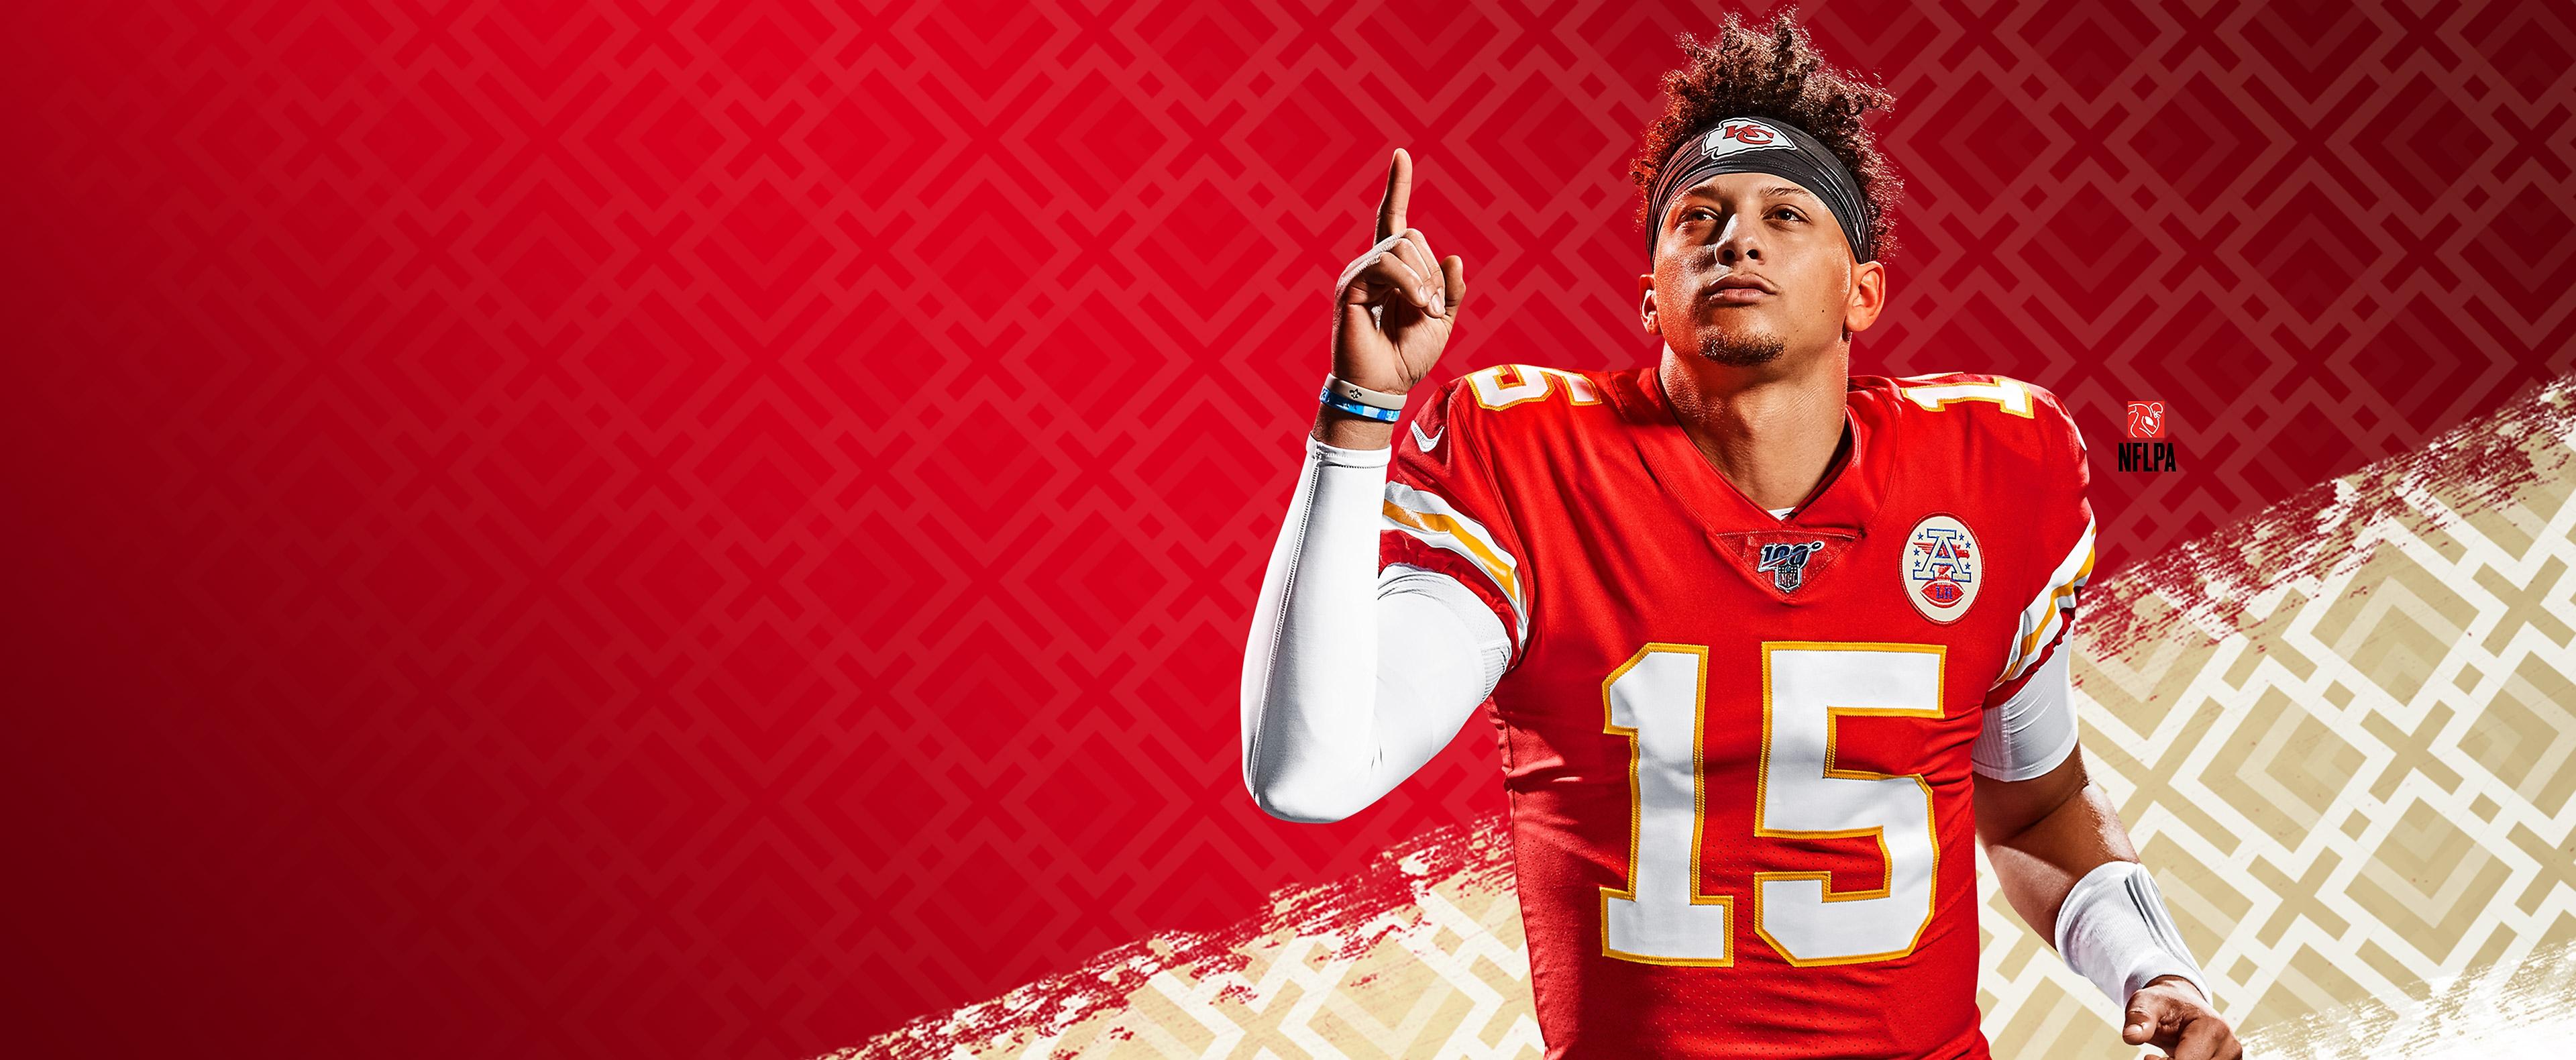 Madden NFL 20 – Hero-Art